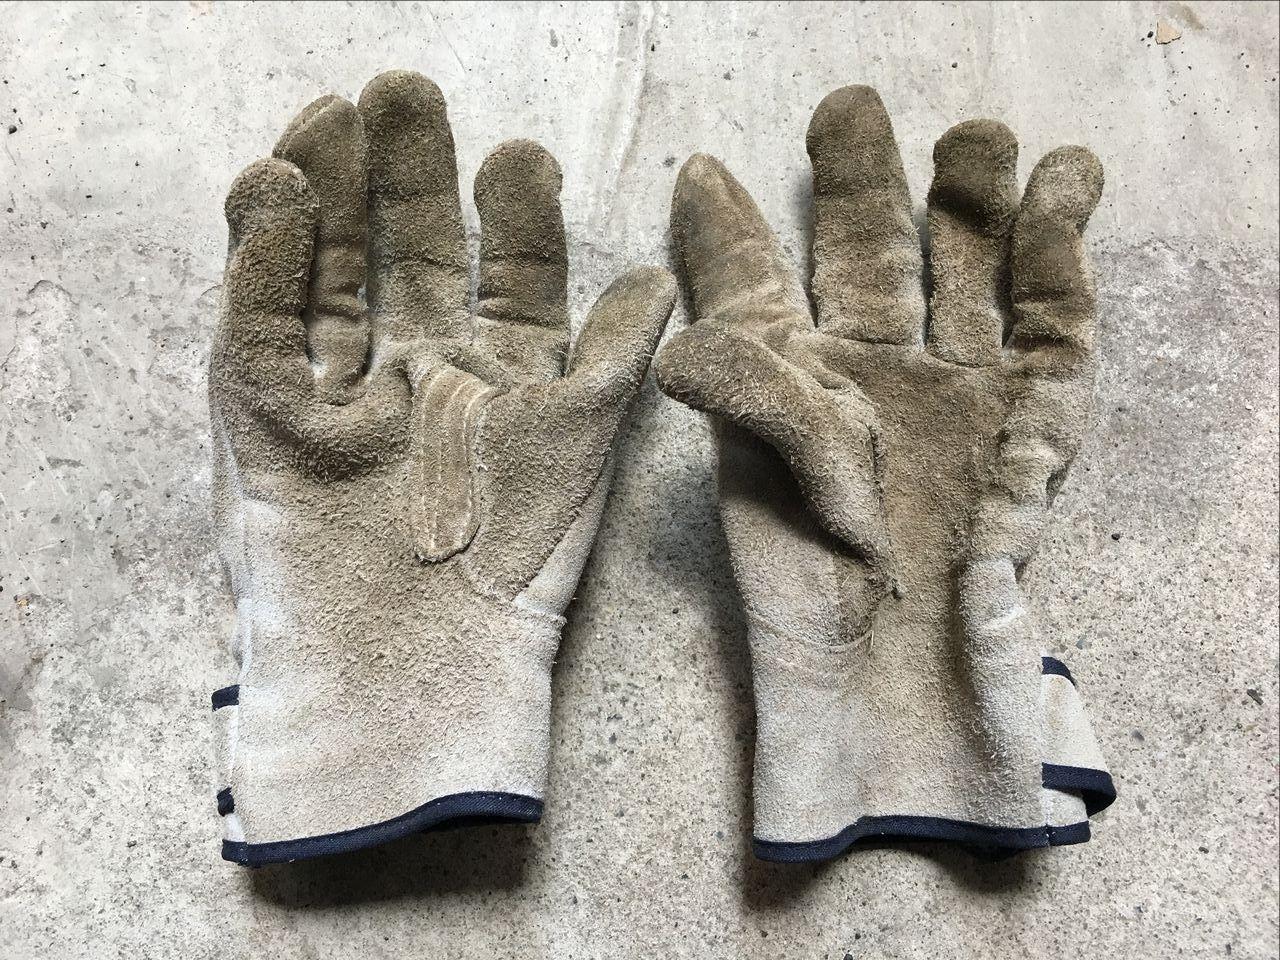 月極駐車場の尖ったりトゲのある枝や雑草などを掴む時に使う厚手の皮手袋です。